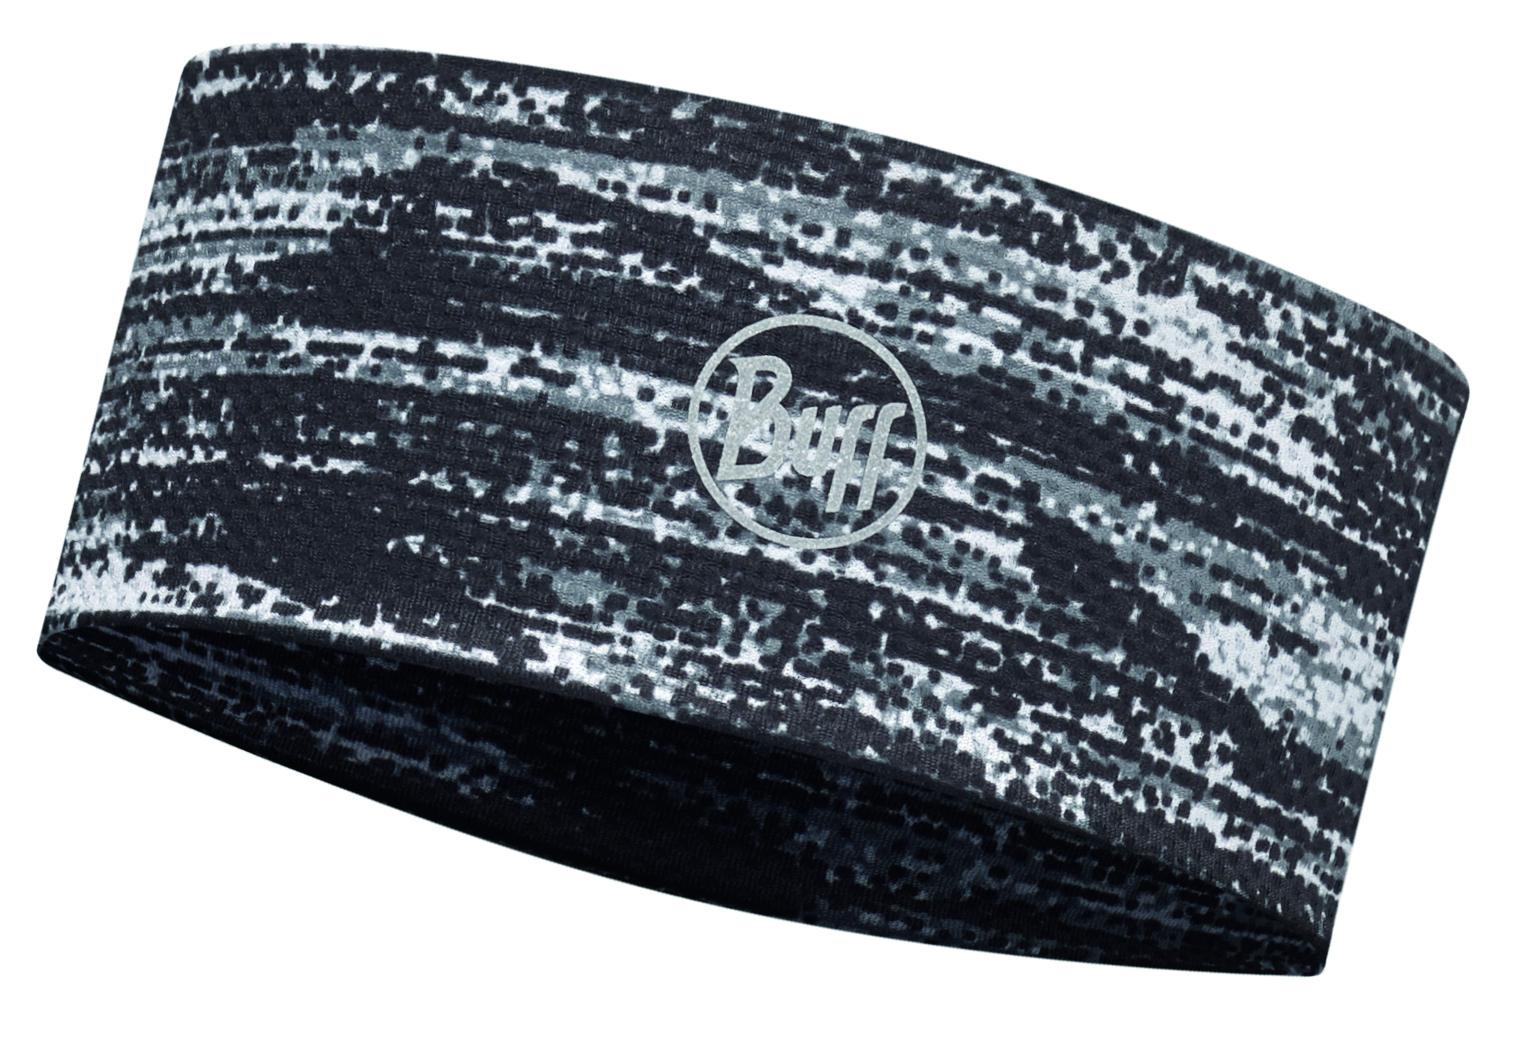 Купить Повязка BUFF Headband R-INTERFERENCE GARGOYLE Банданы и шарфы Buff ® 1312856